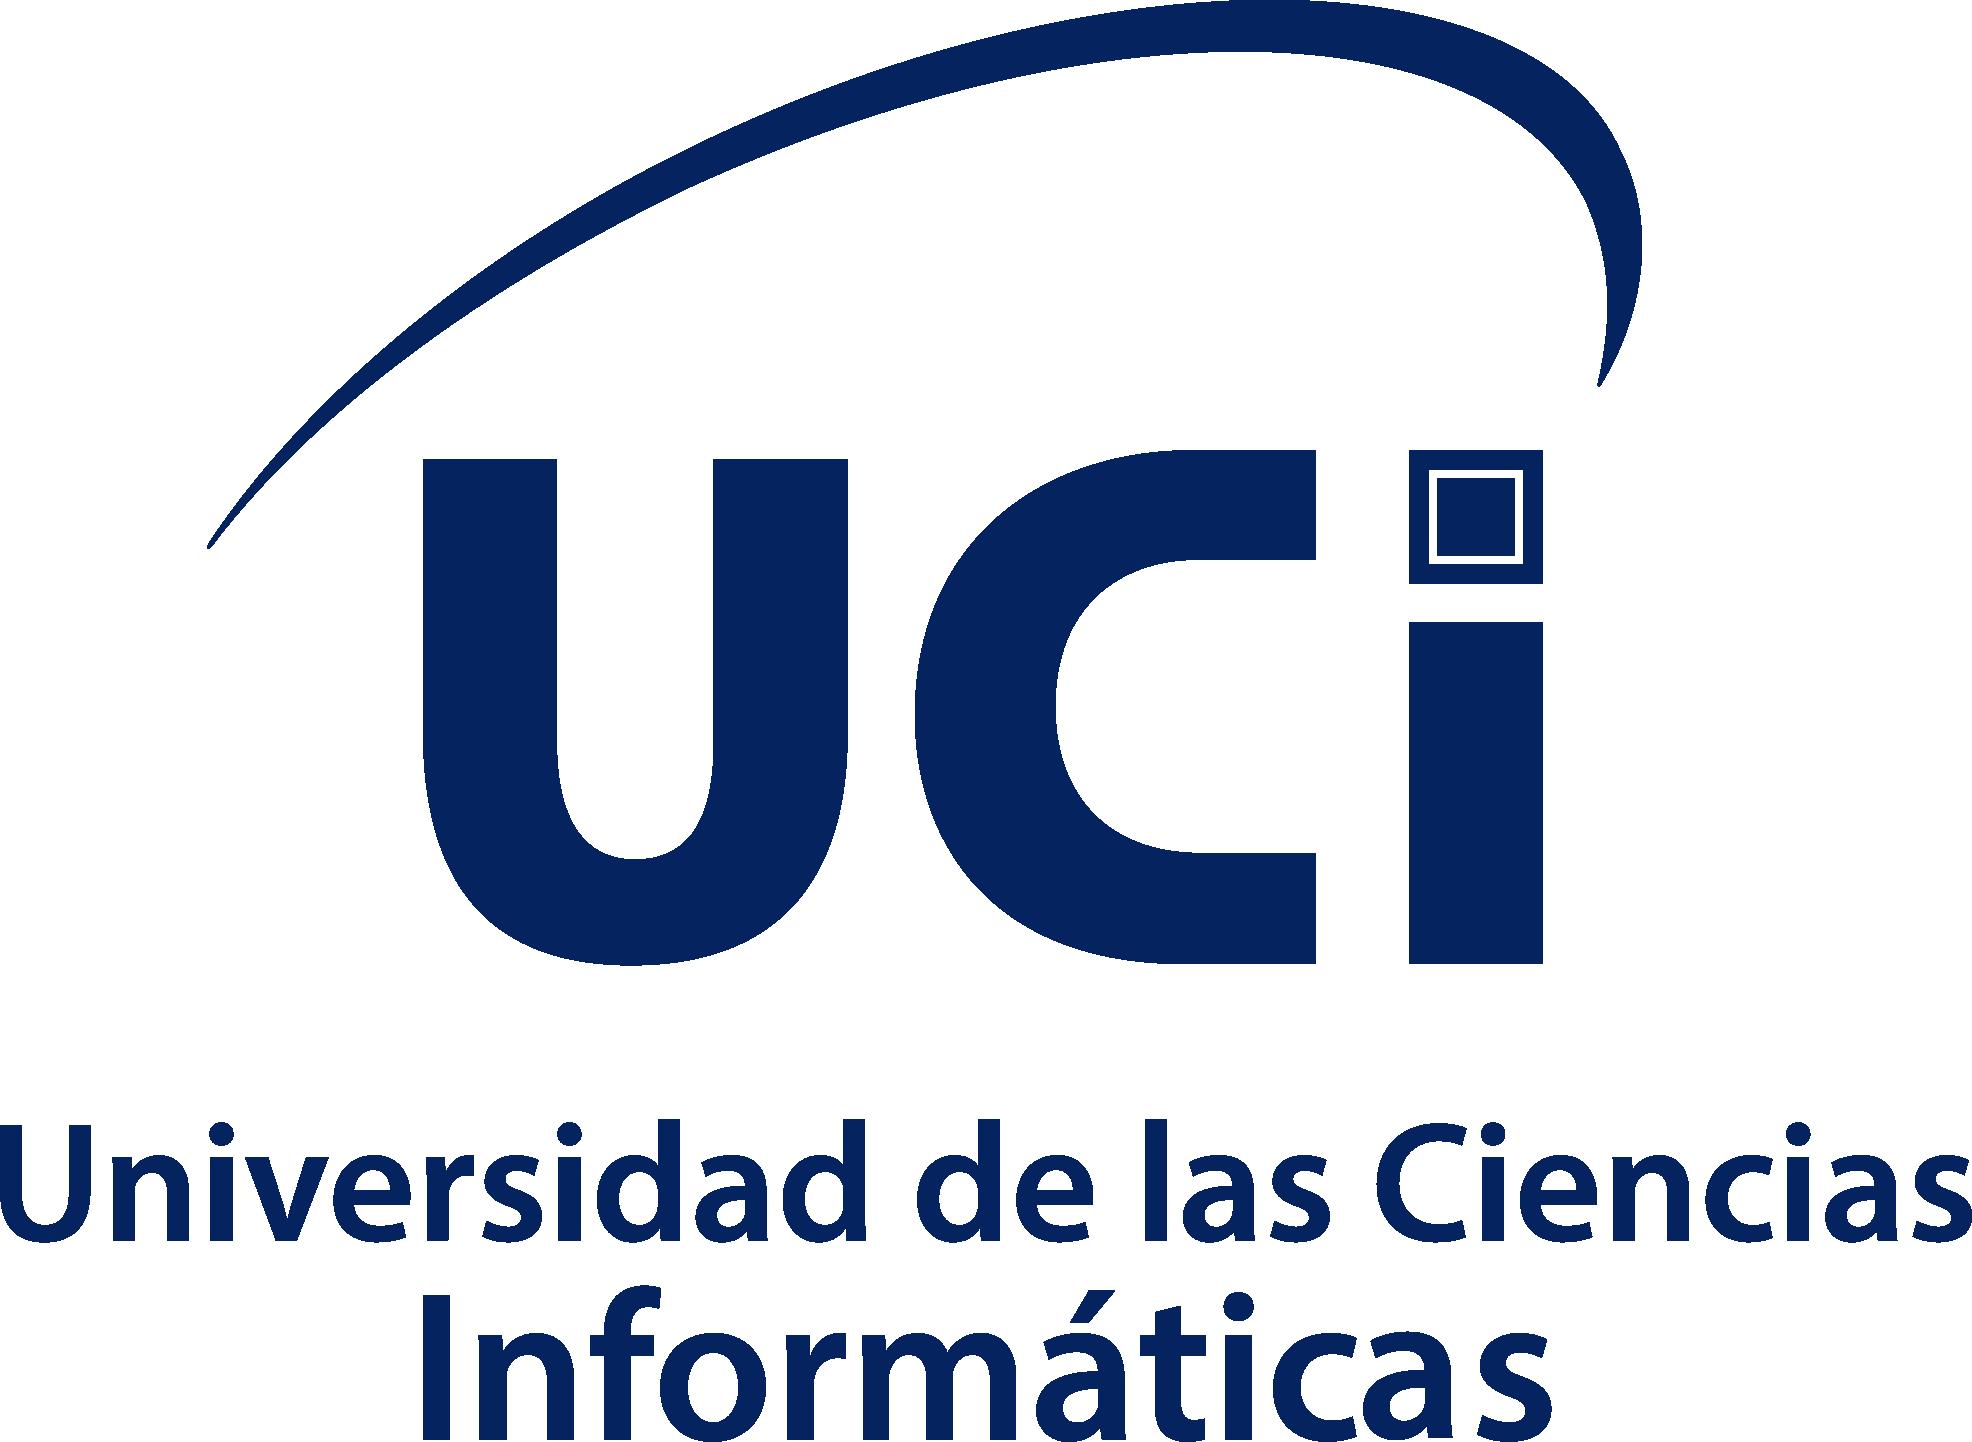 Universidad de las Ciencias Informáticas - Wikipedia, la enciclopedia libre